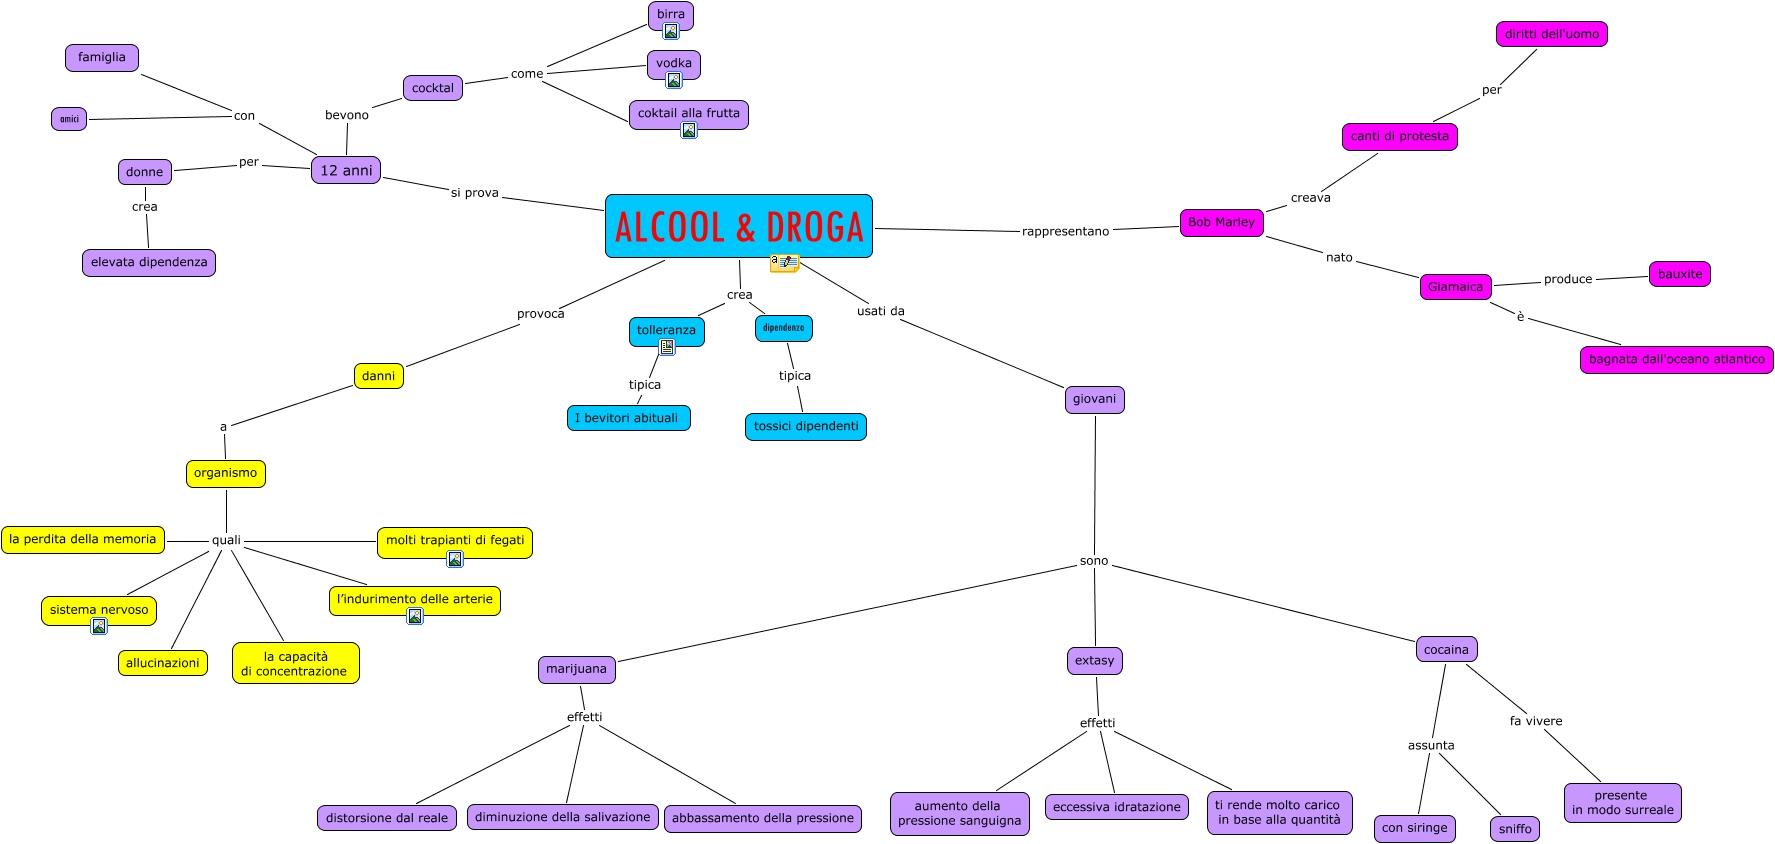 Alcol e la droga - Sali da bagno droga effetti ...